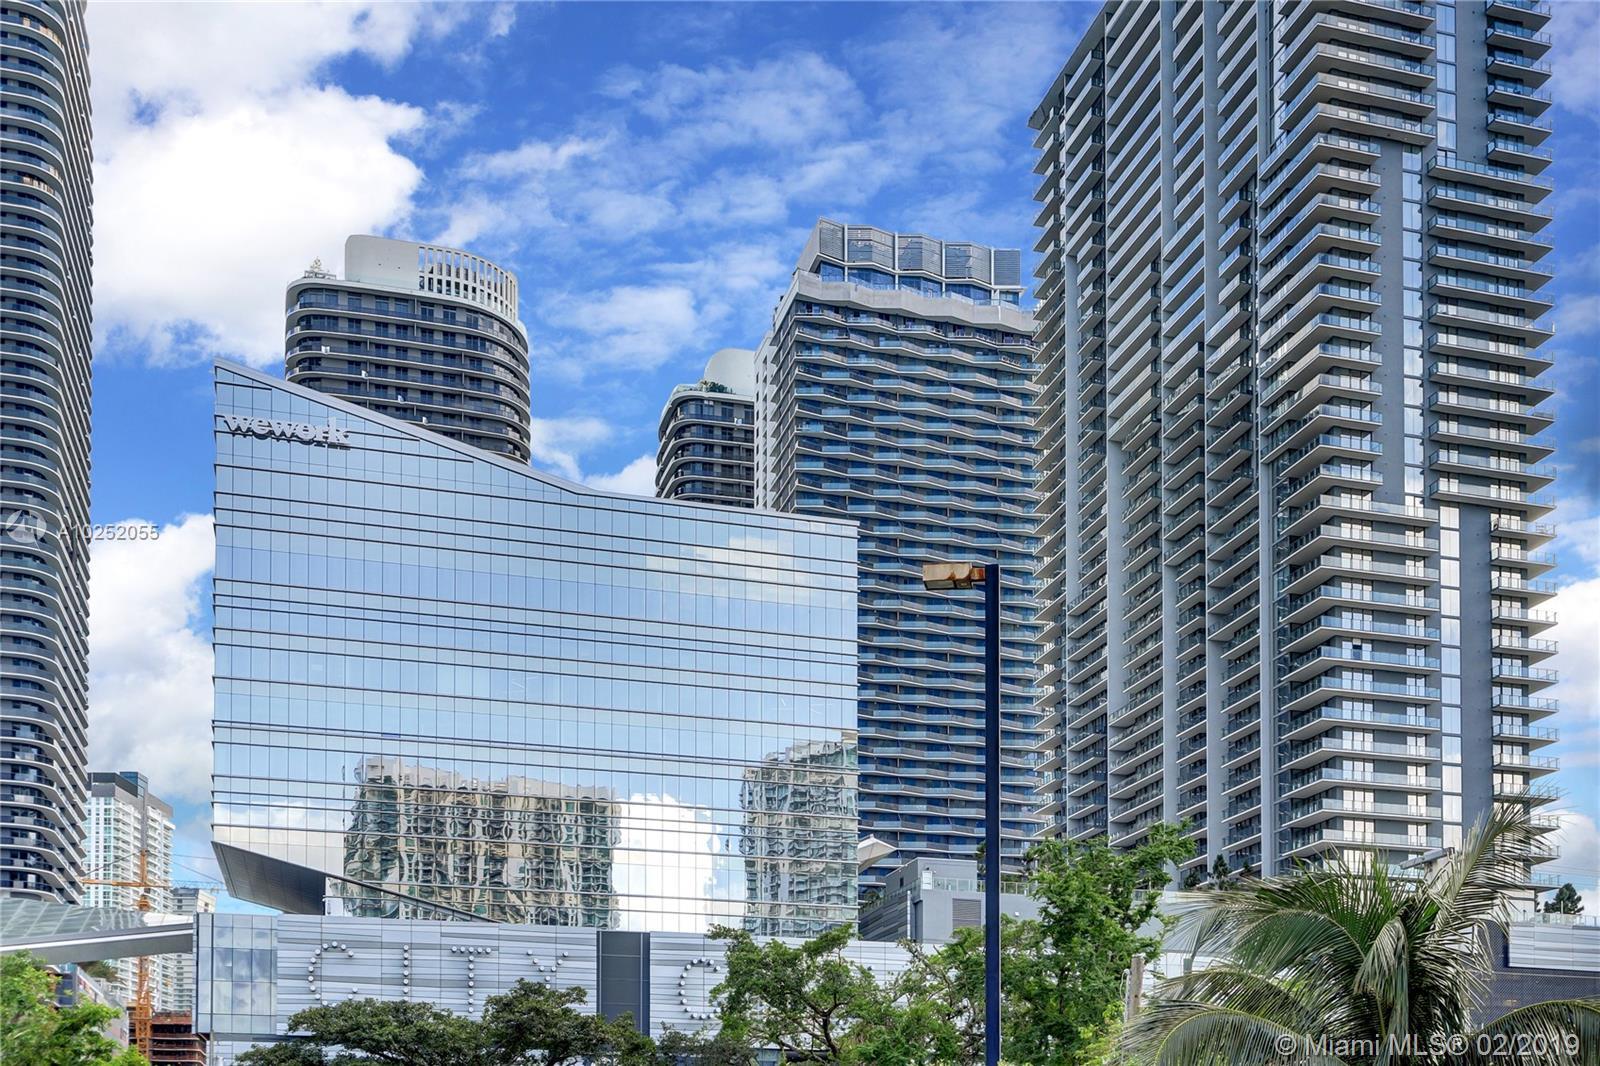 Brickell CityCentre image #3